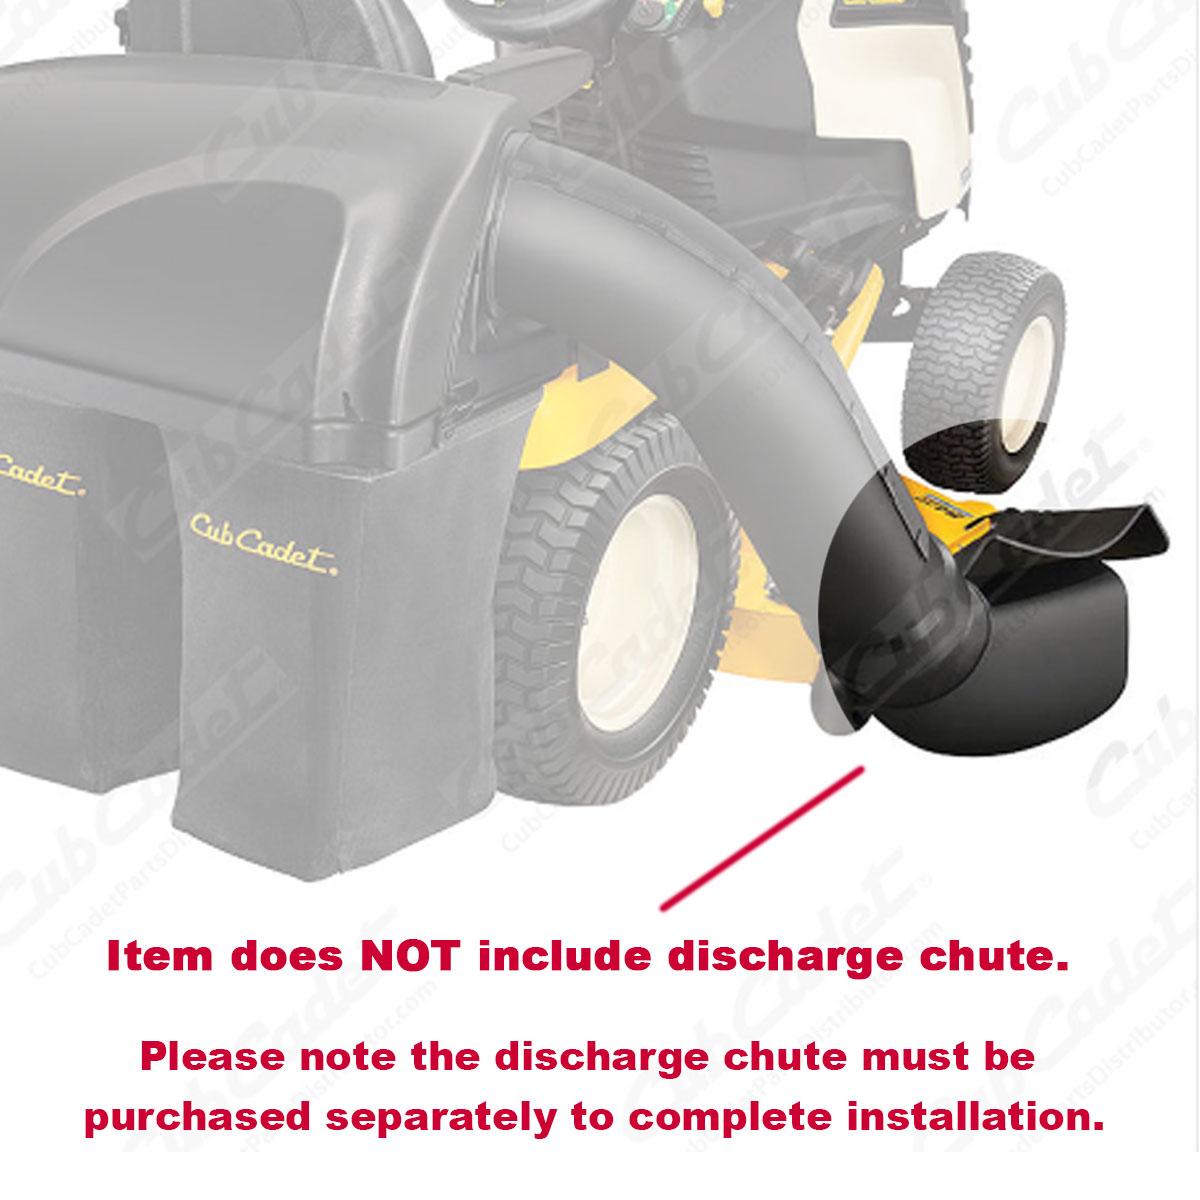 Cub Cadet Garden Tractor Triple Bagger Components 19A40004100